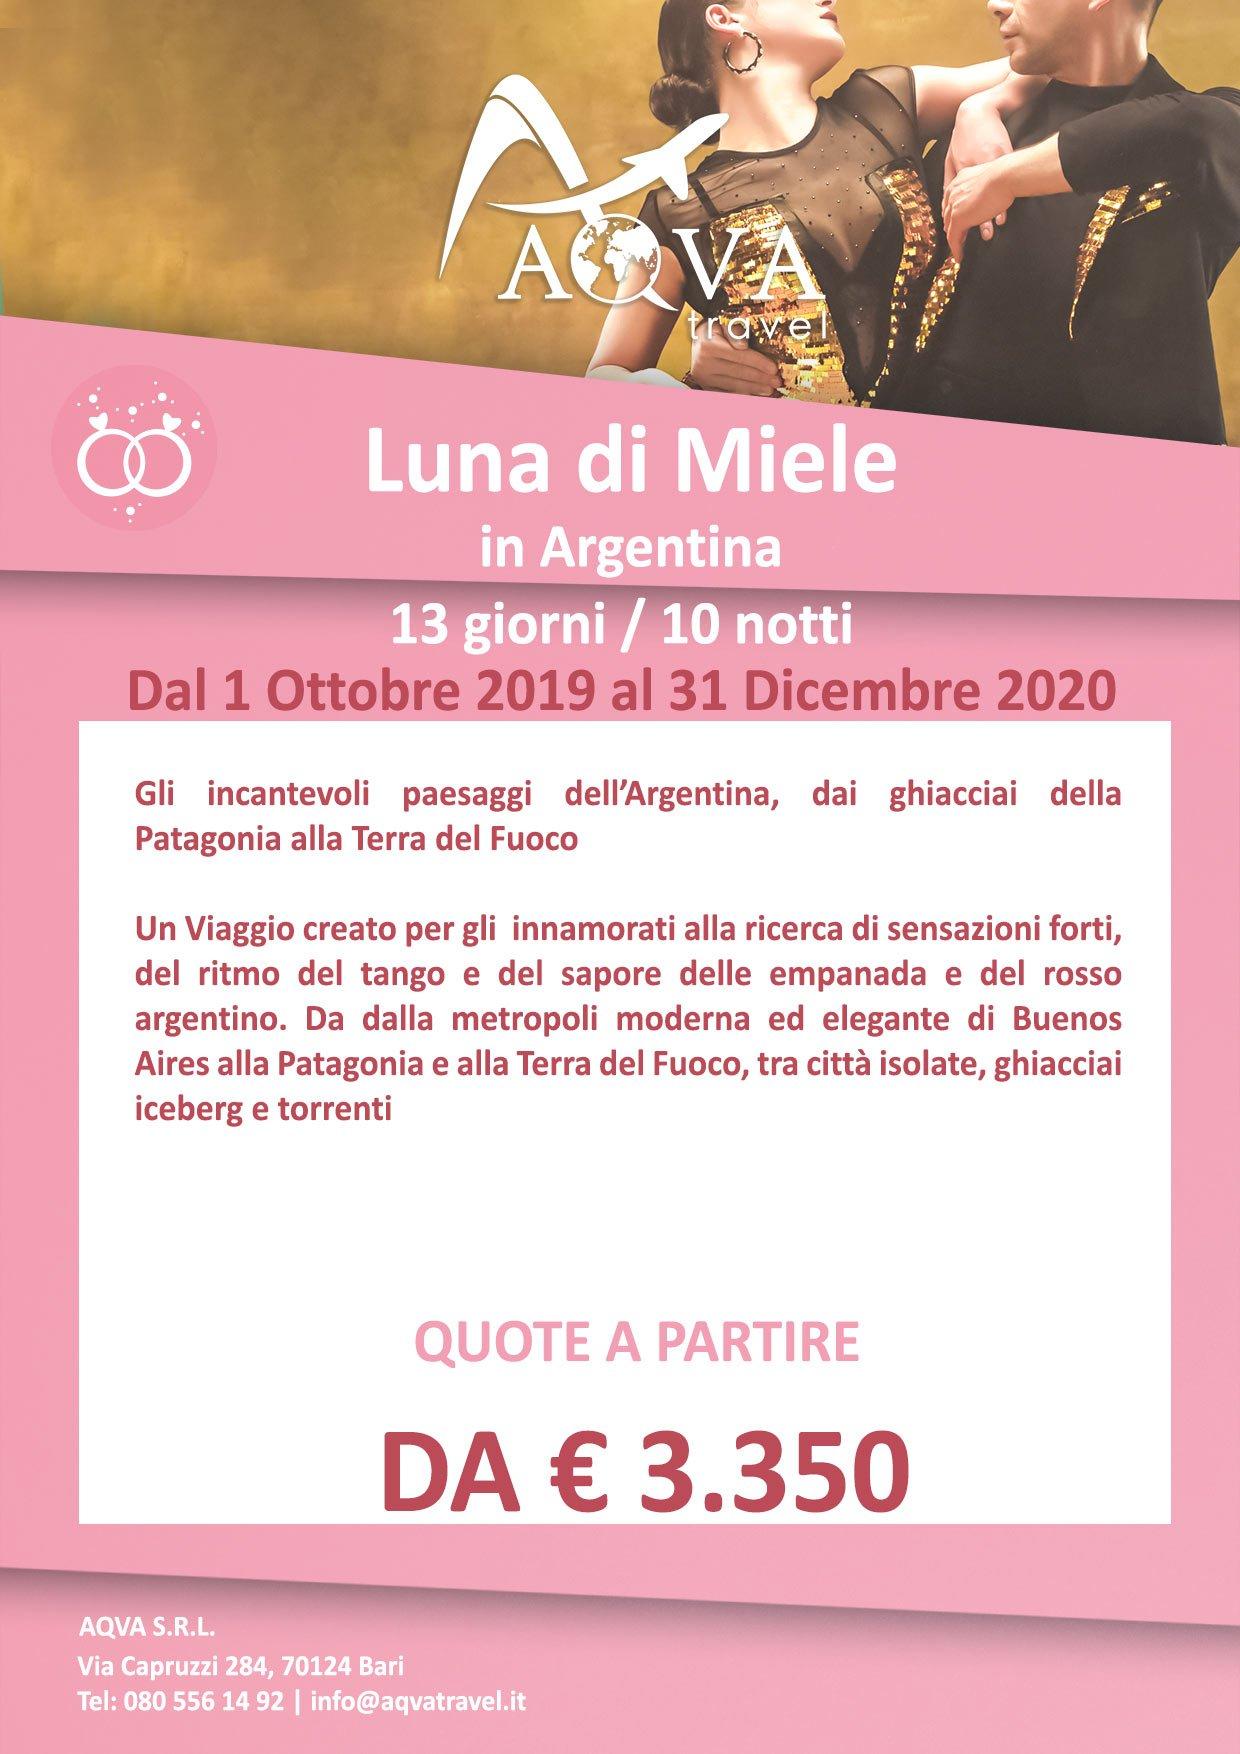 Luna-di-Miele-in-Argentina13-giorni-10-notti-VIAGGI-Honeymoon-offerte-agenzia-di-viaggi-Bari-AQVATRAVEL-it